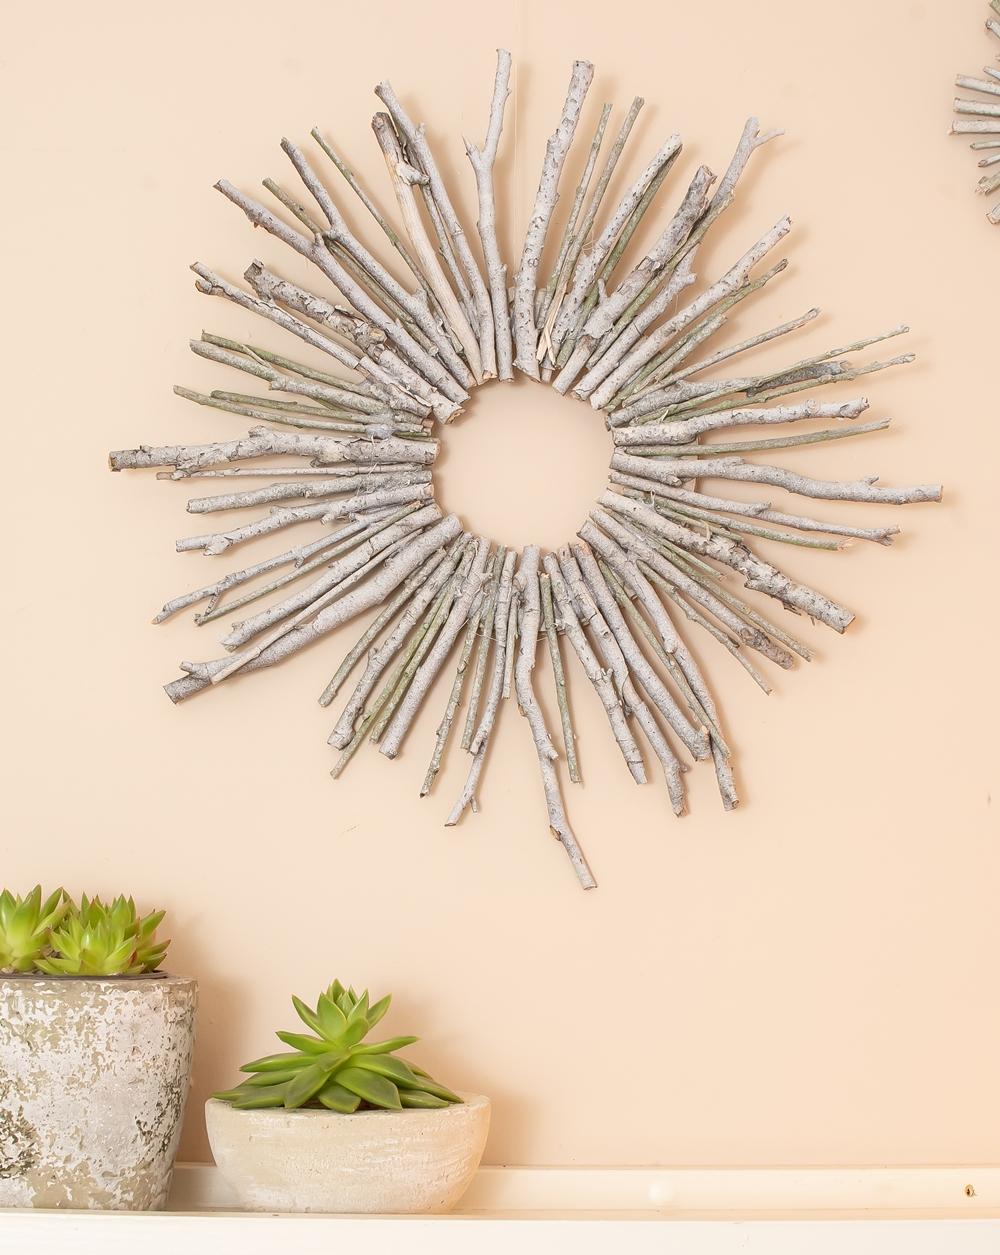 Wand-Deko aus Zweigen DIY